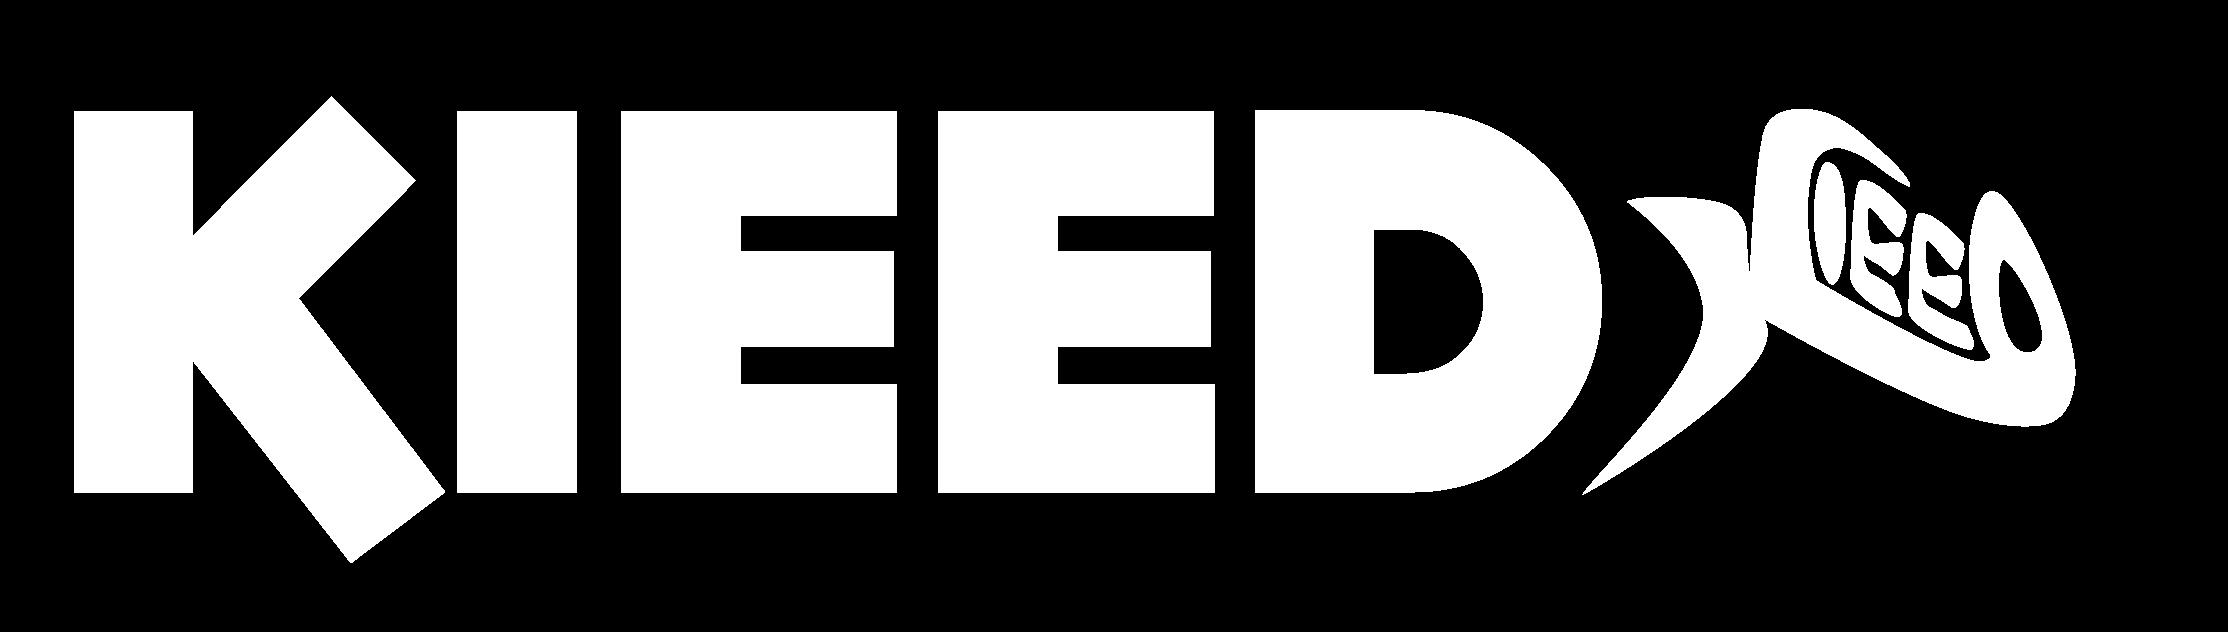 Kieed